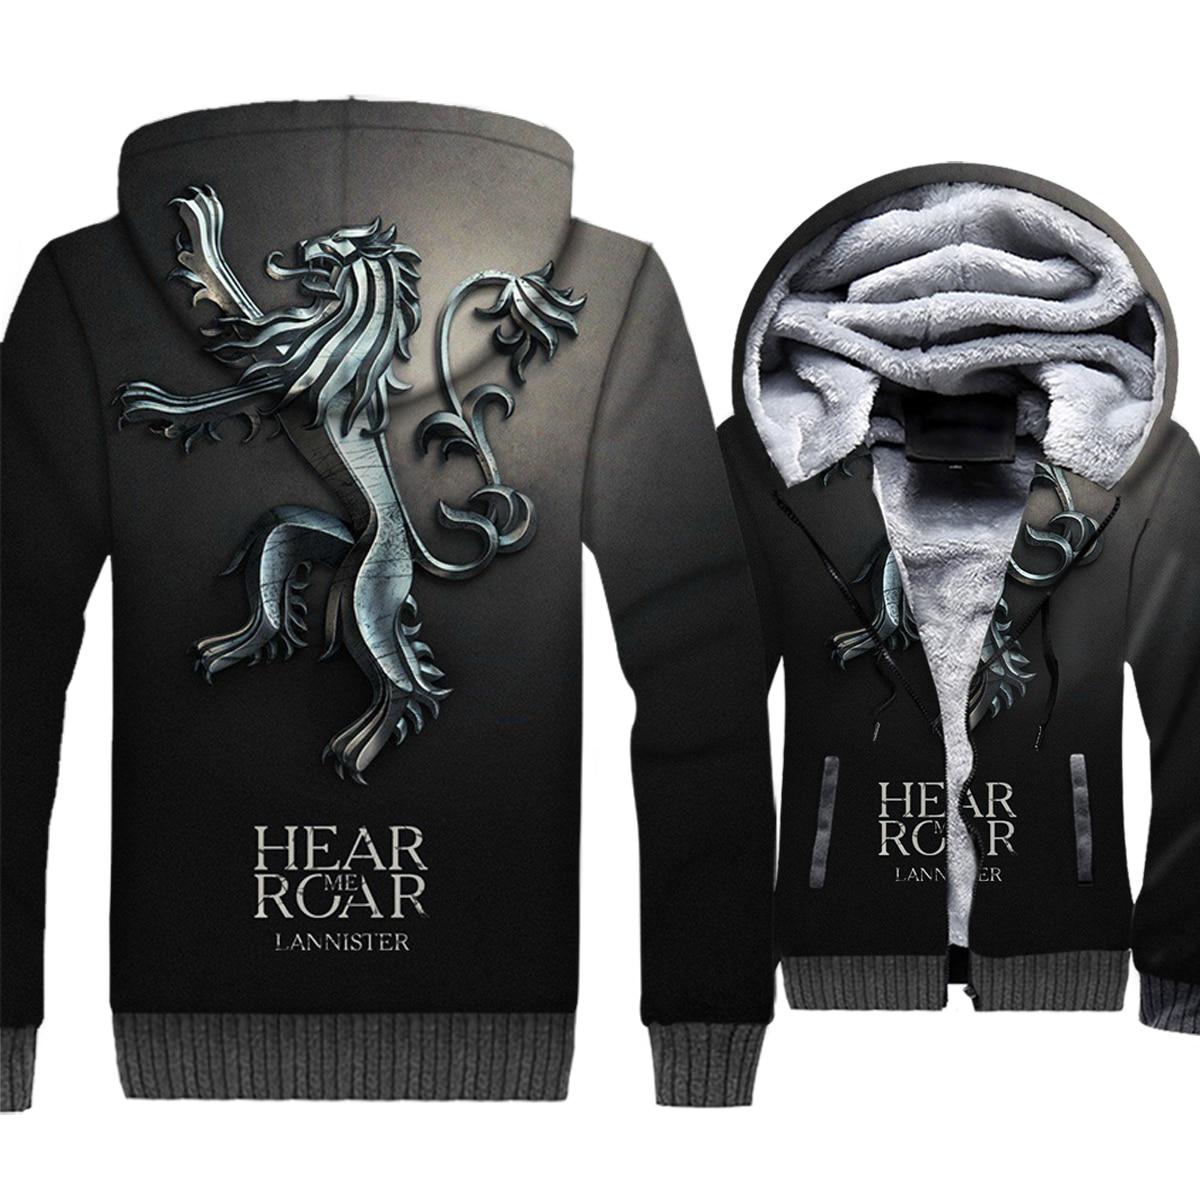 Game Of Thrones Lannister Hear Me Roar 3D Giubbotti Gli Uomini 2019 Autunno Inverno Caldo di Spessore Felpe degli uomini del Cappotto Del Bicchierino hip Hop Streetwear